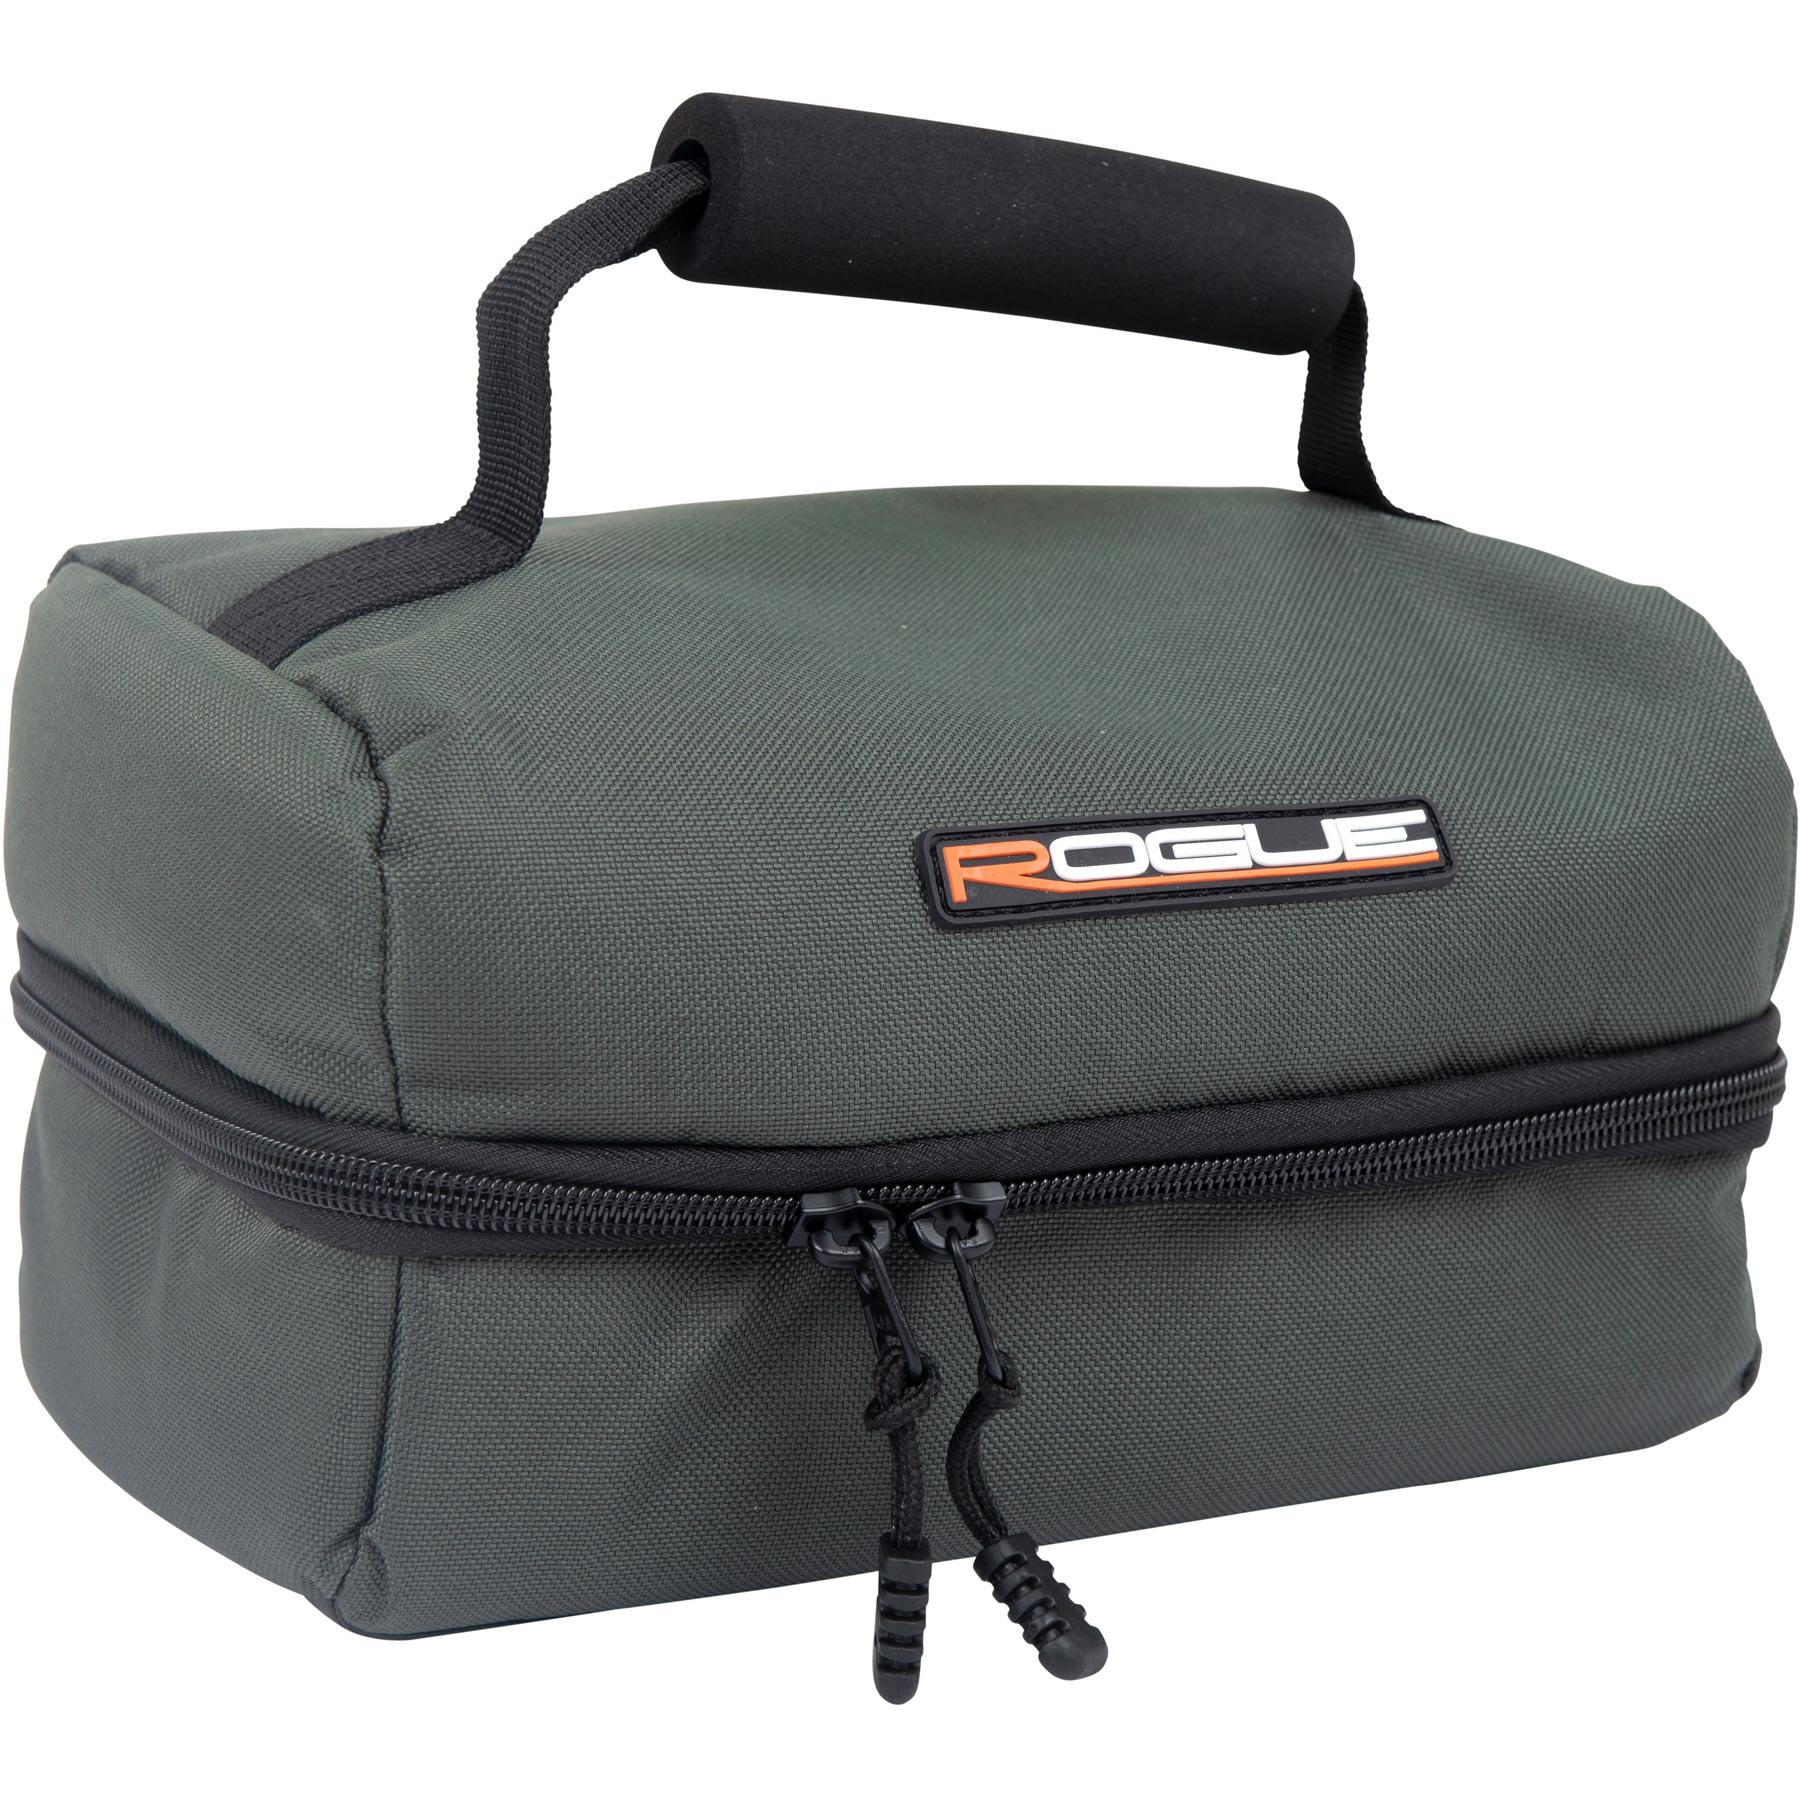 Leeda Pouzdra na doplňky Rogue Tackle Bag